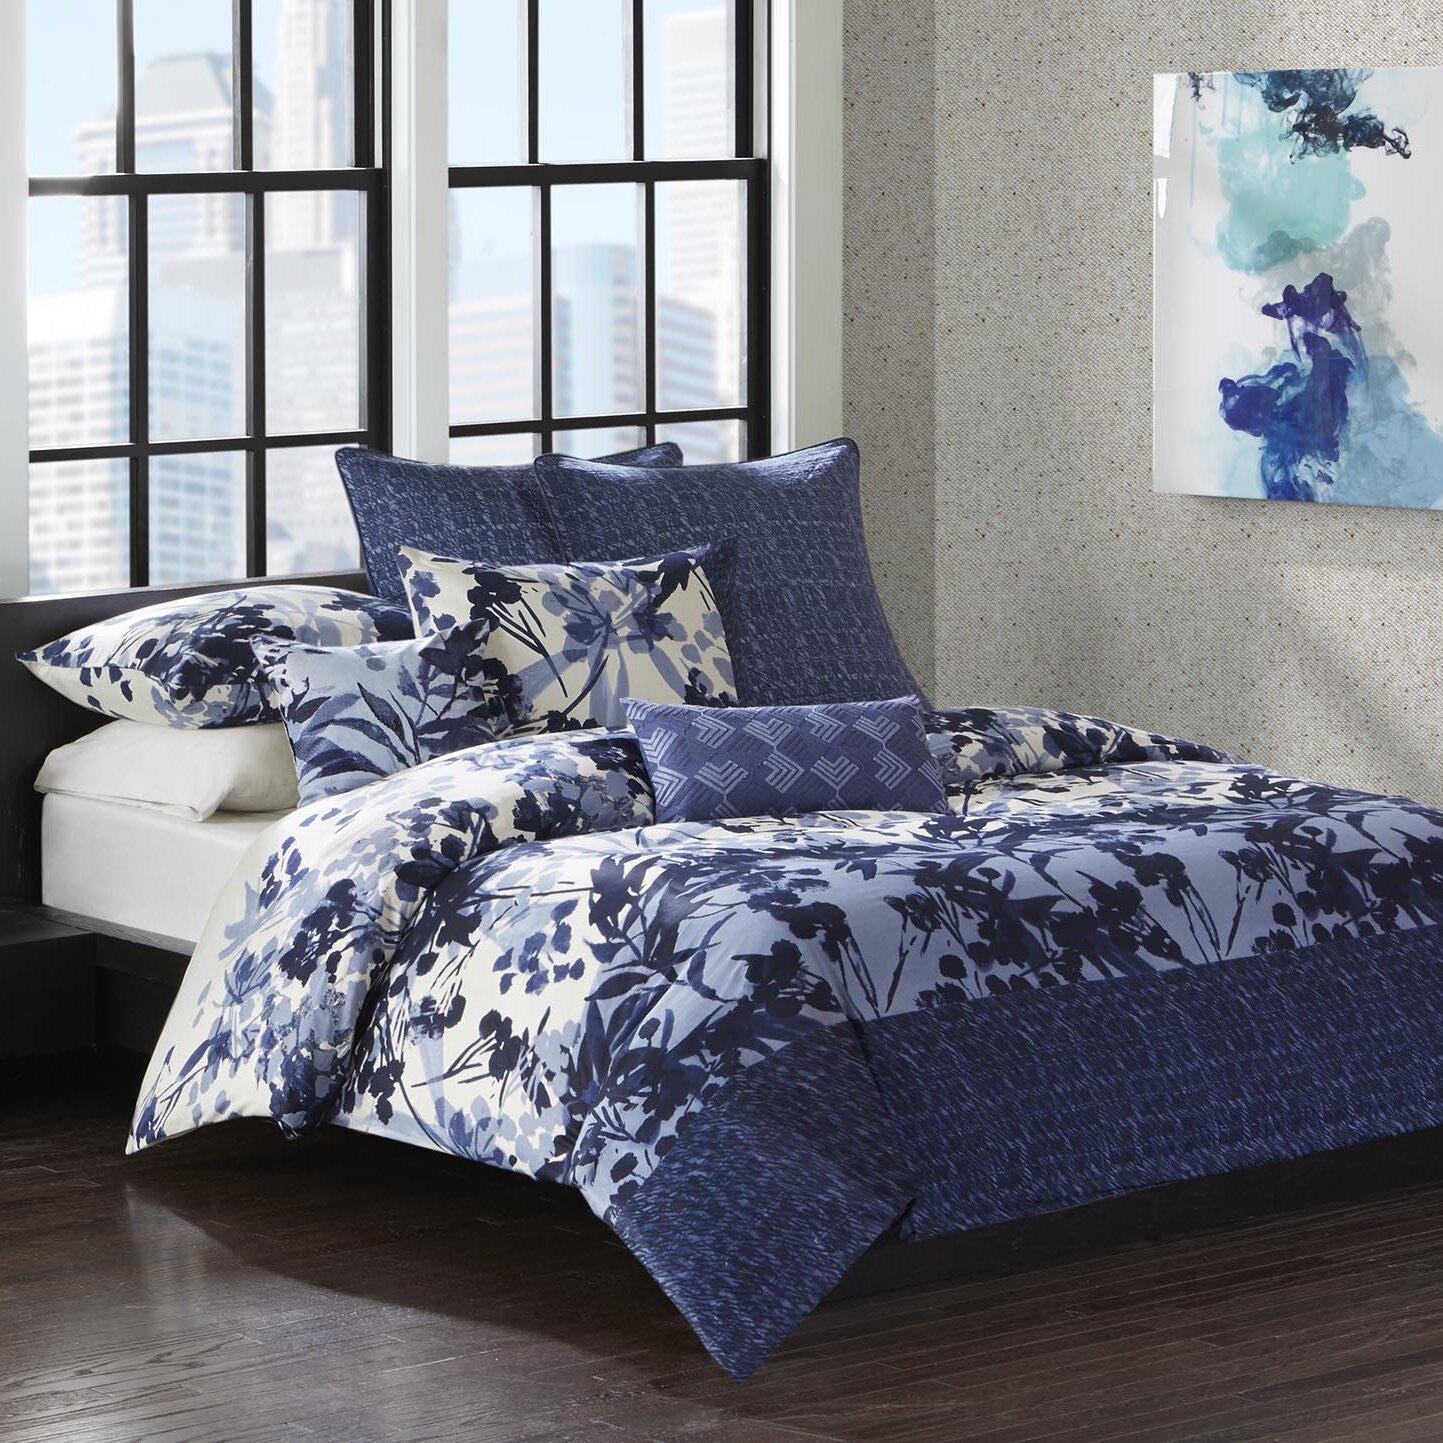 N Natori Yumi Botanical 4 Piece Reversible Comforter Set